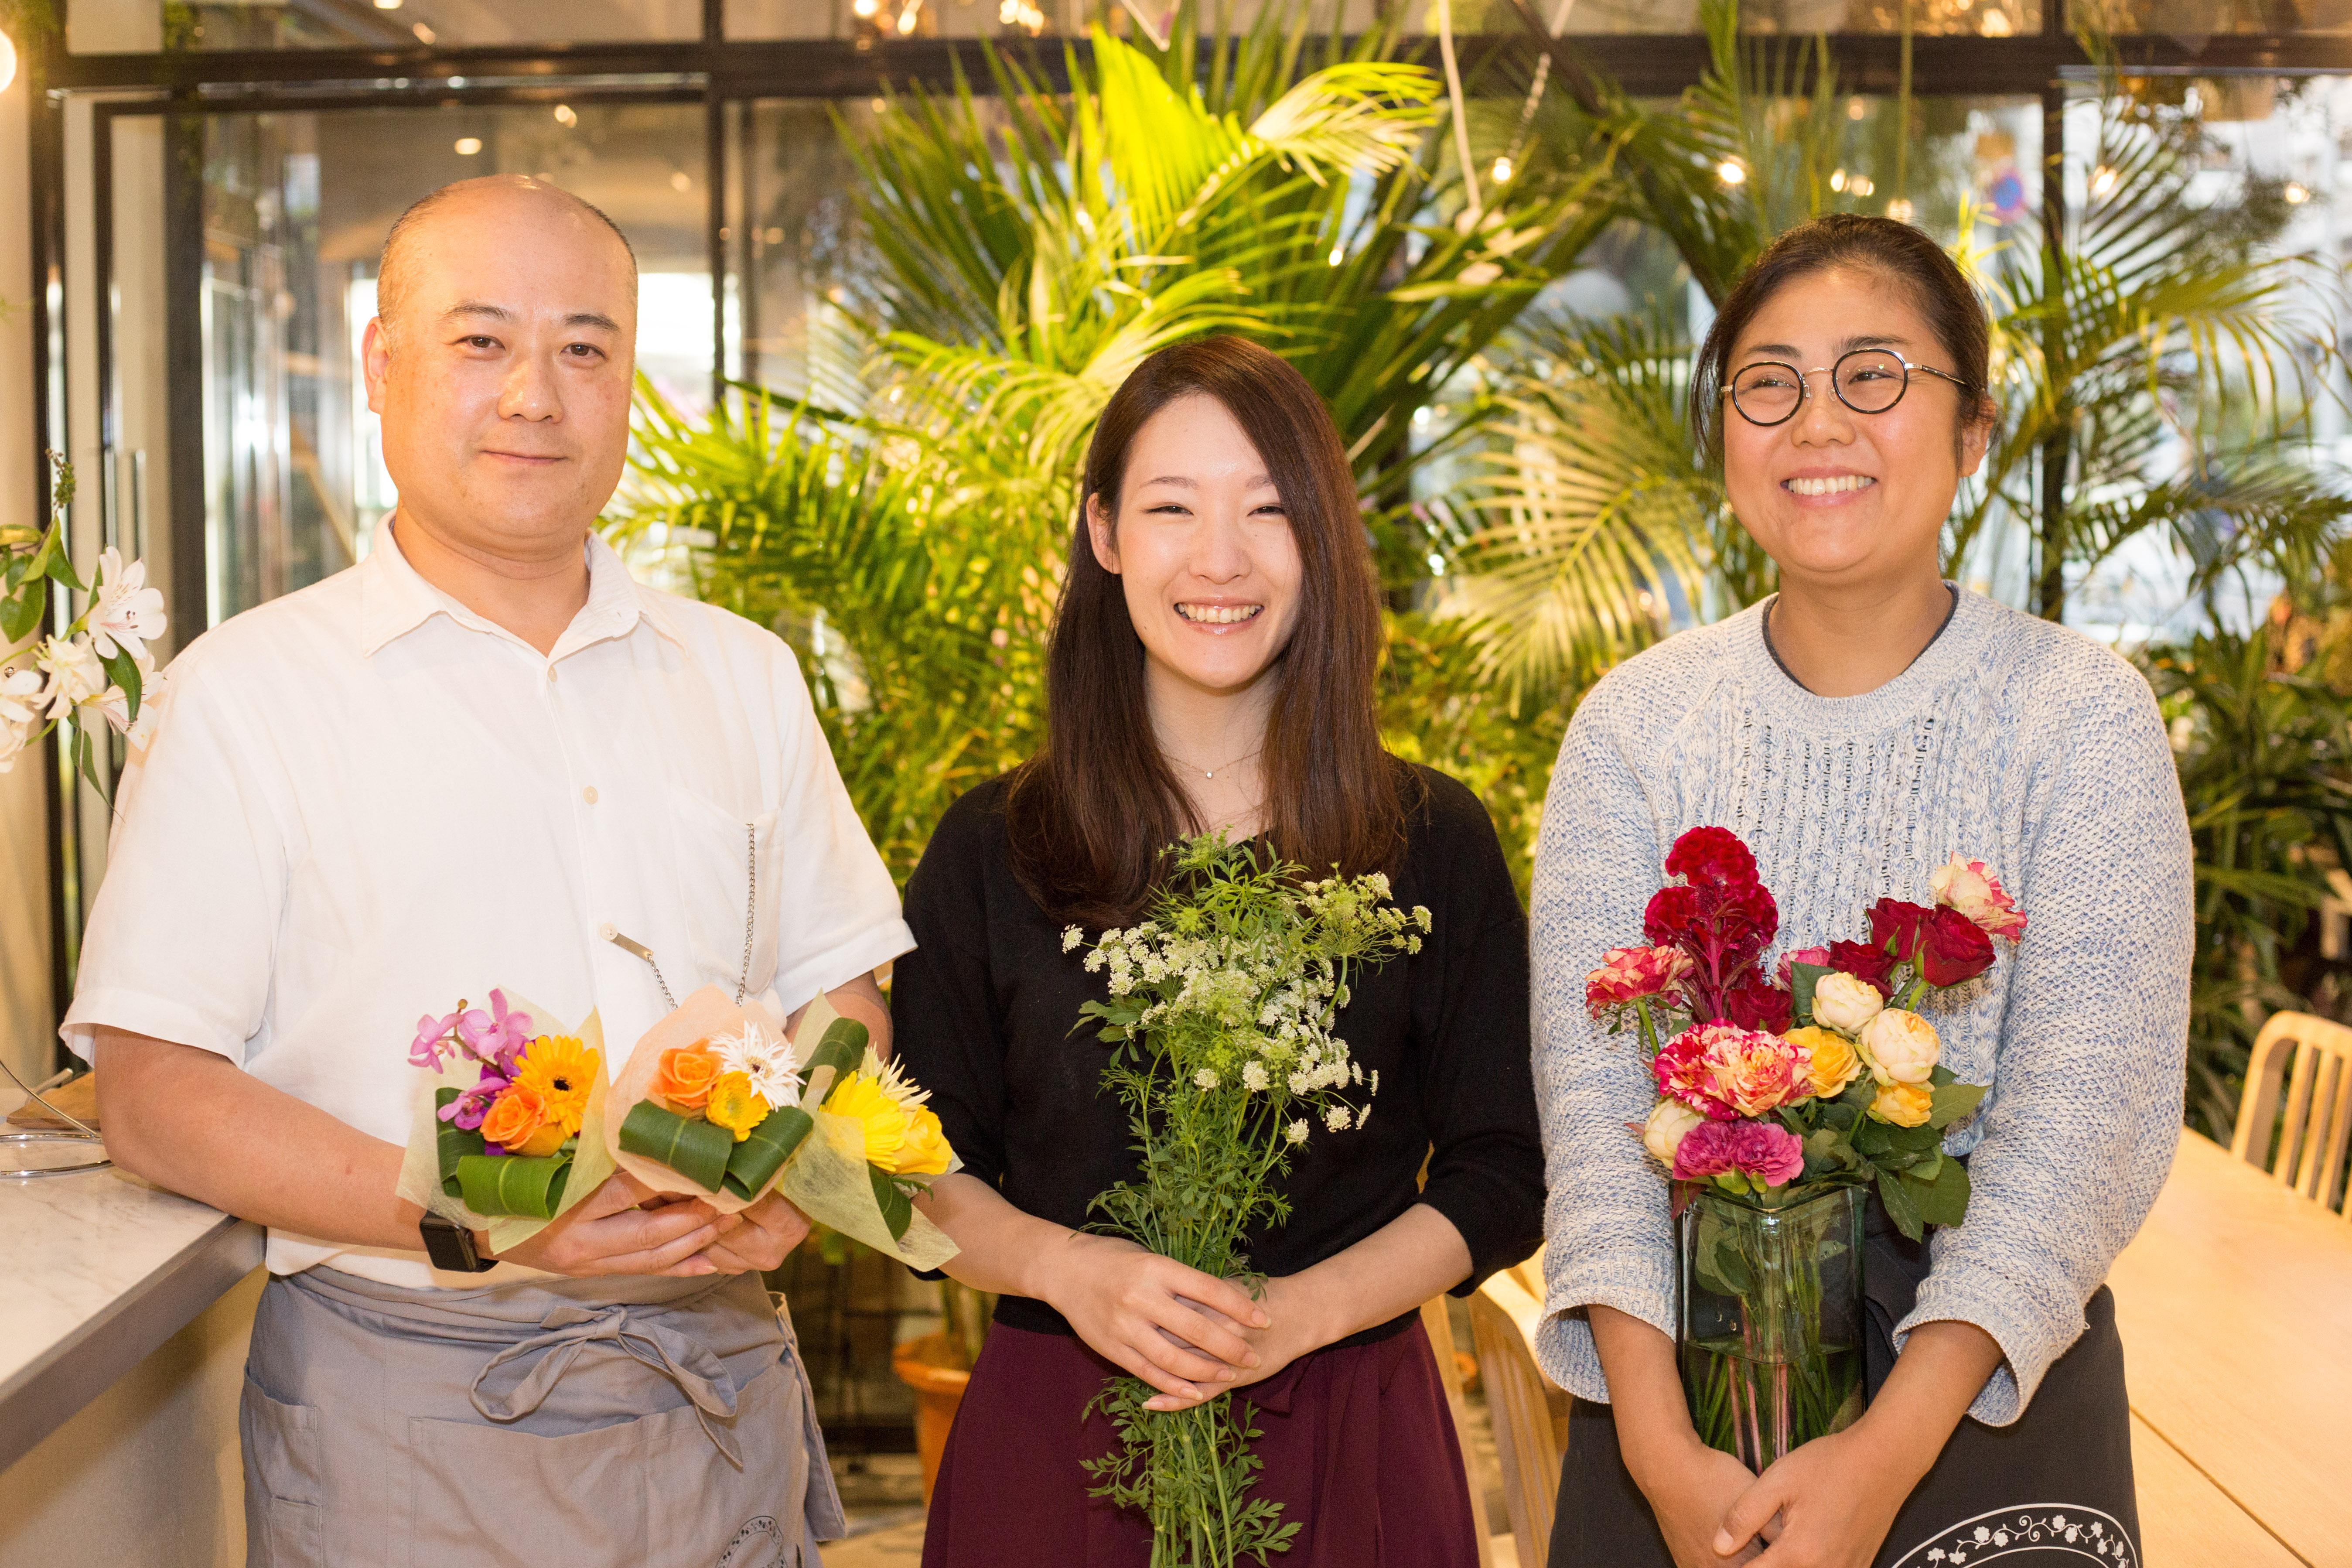 【写真】様々な種類のお花を手に持ち、笑顔を向けるローランズスタッフ3人